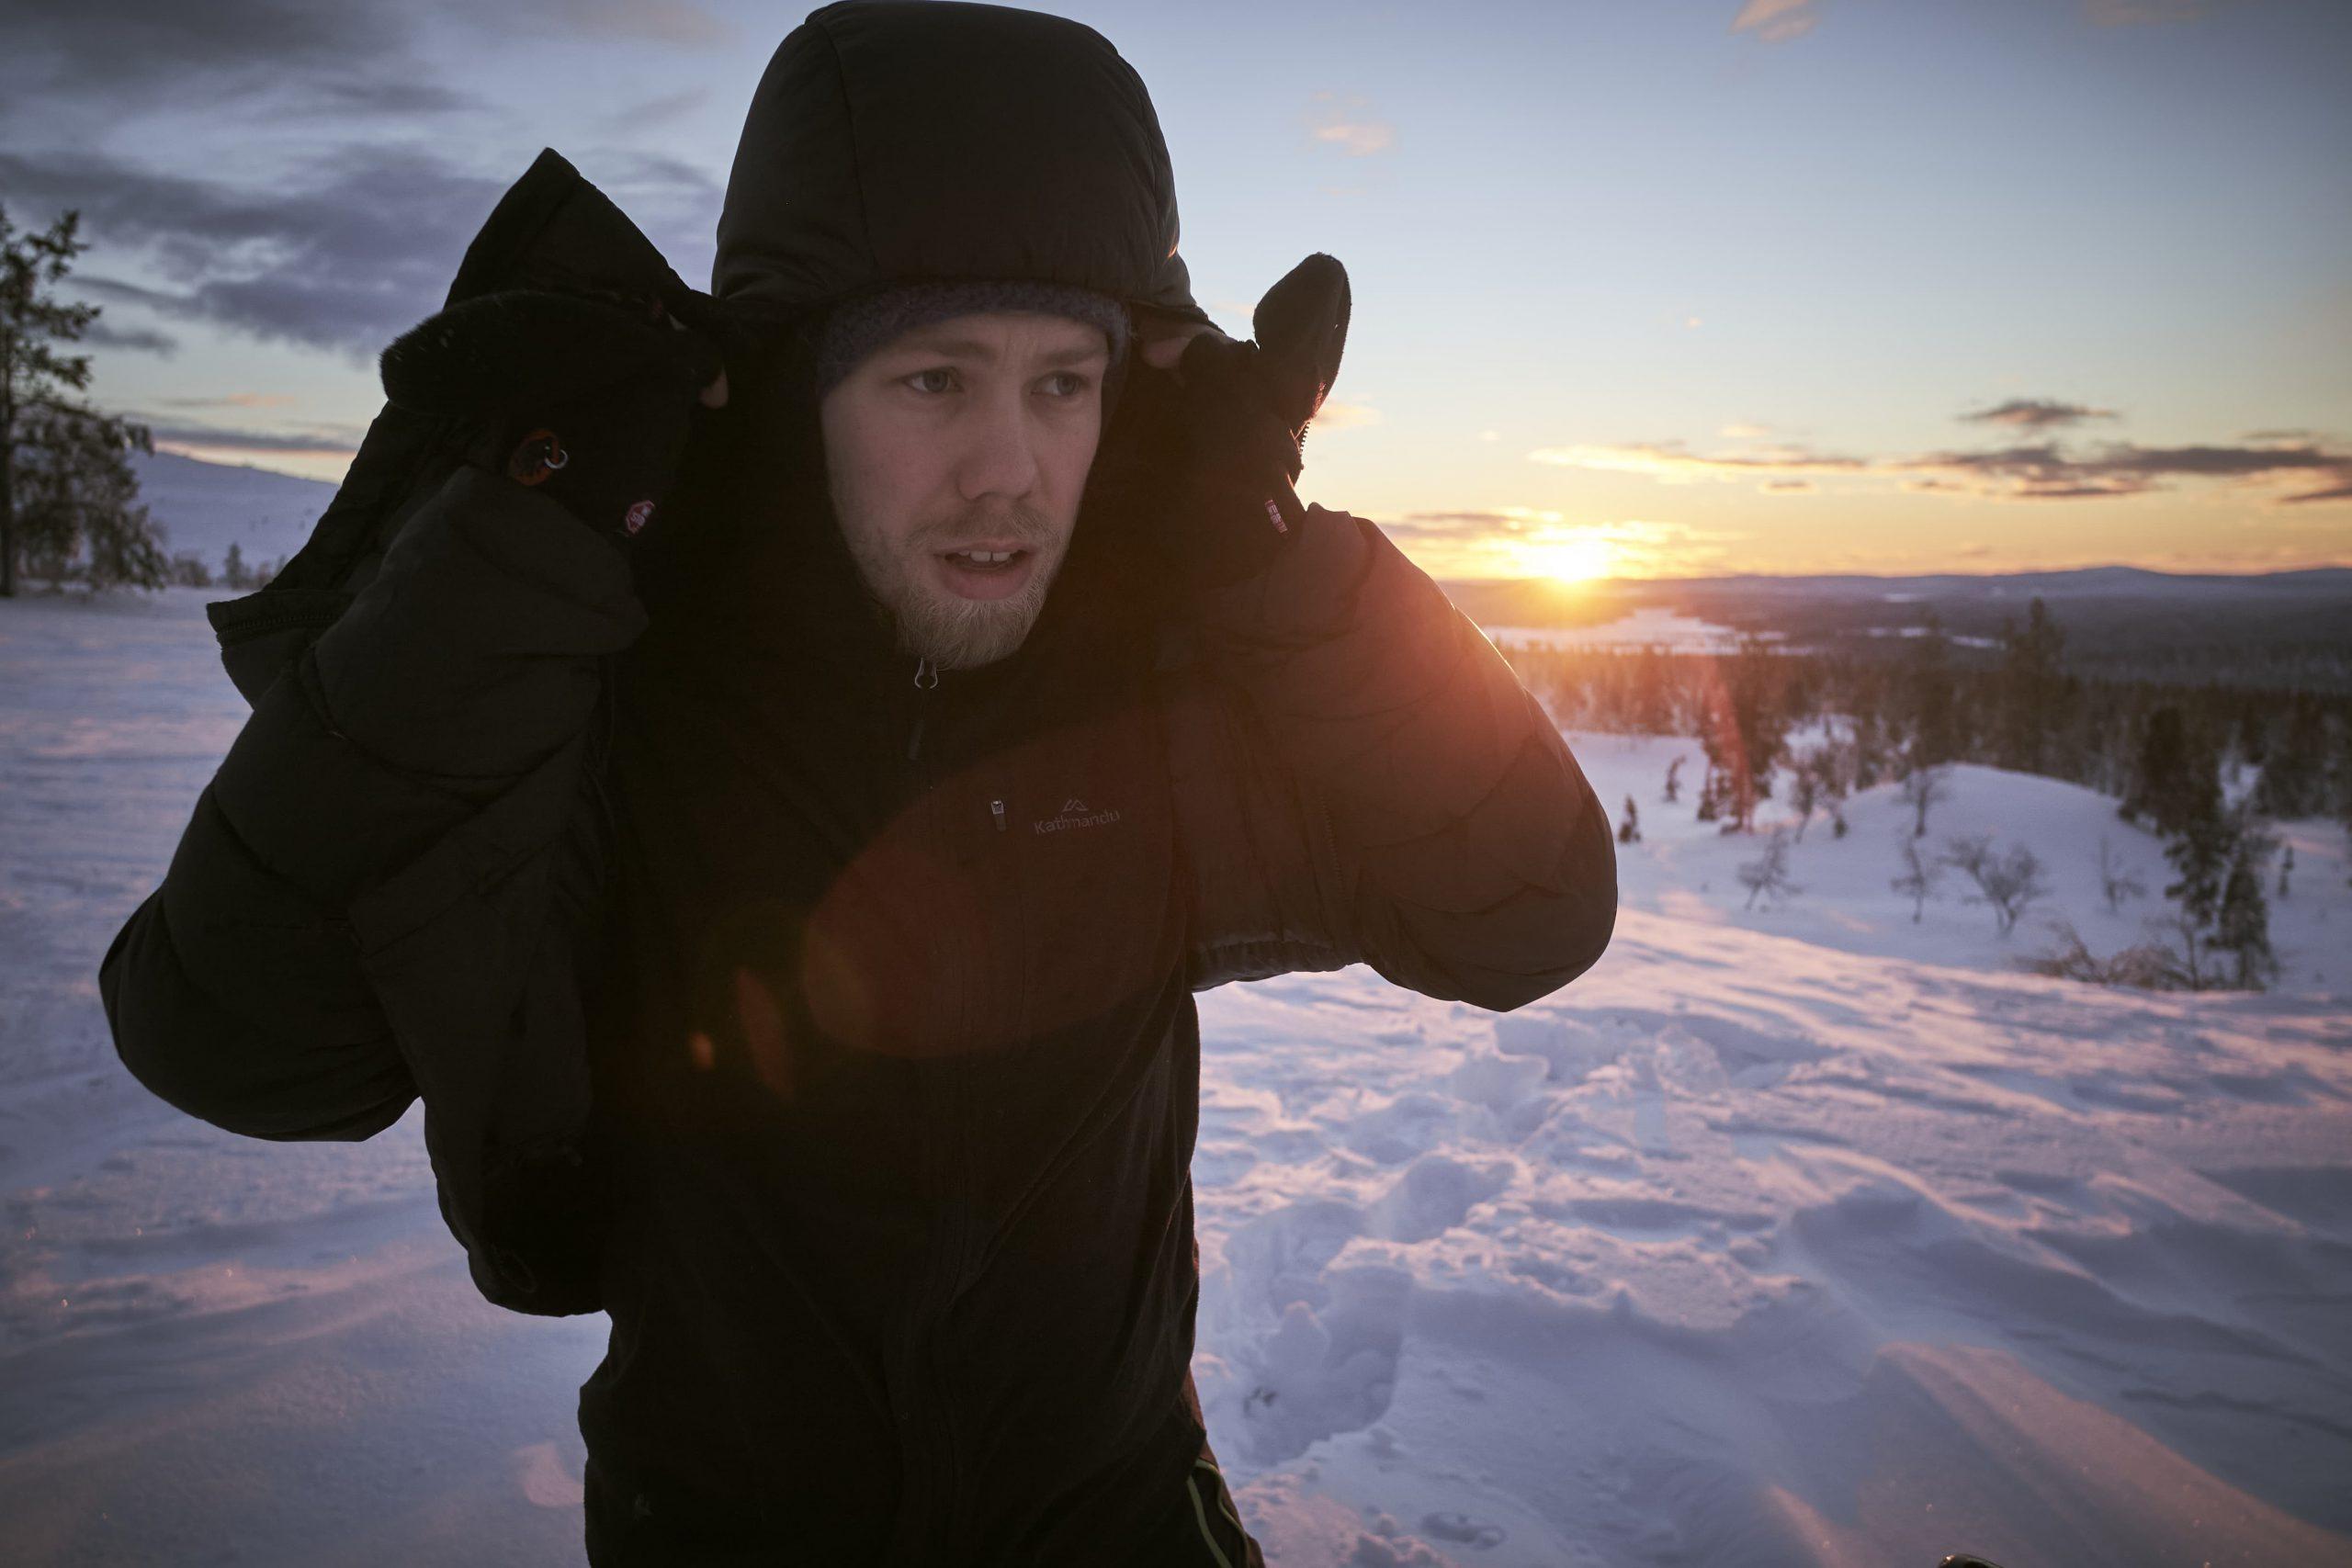 s.h. schroeder beim Sonnenuntergang in Finnland